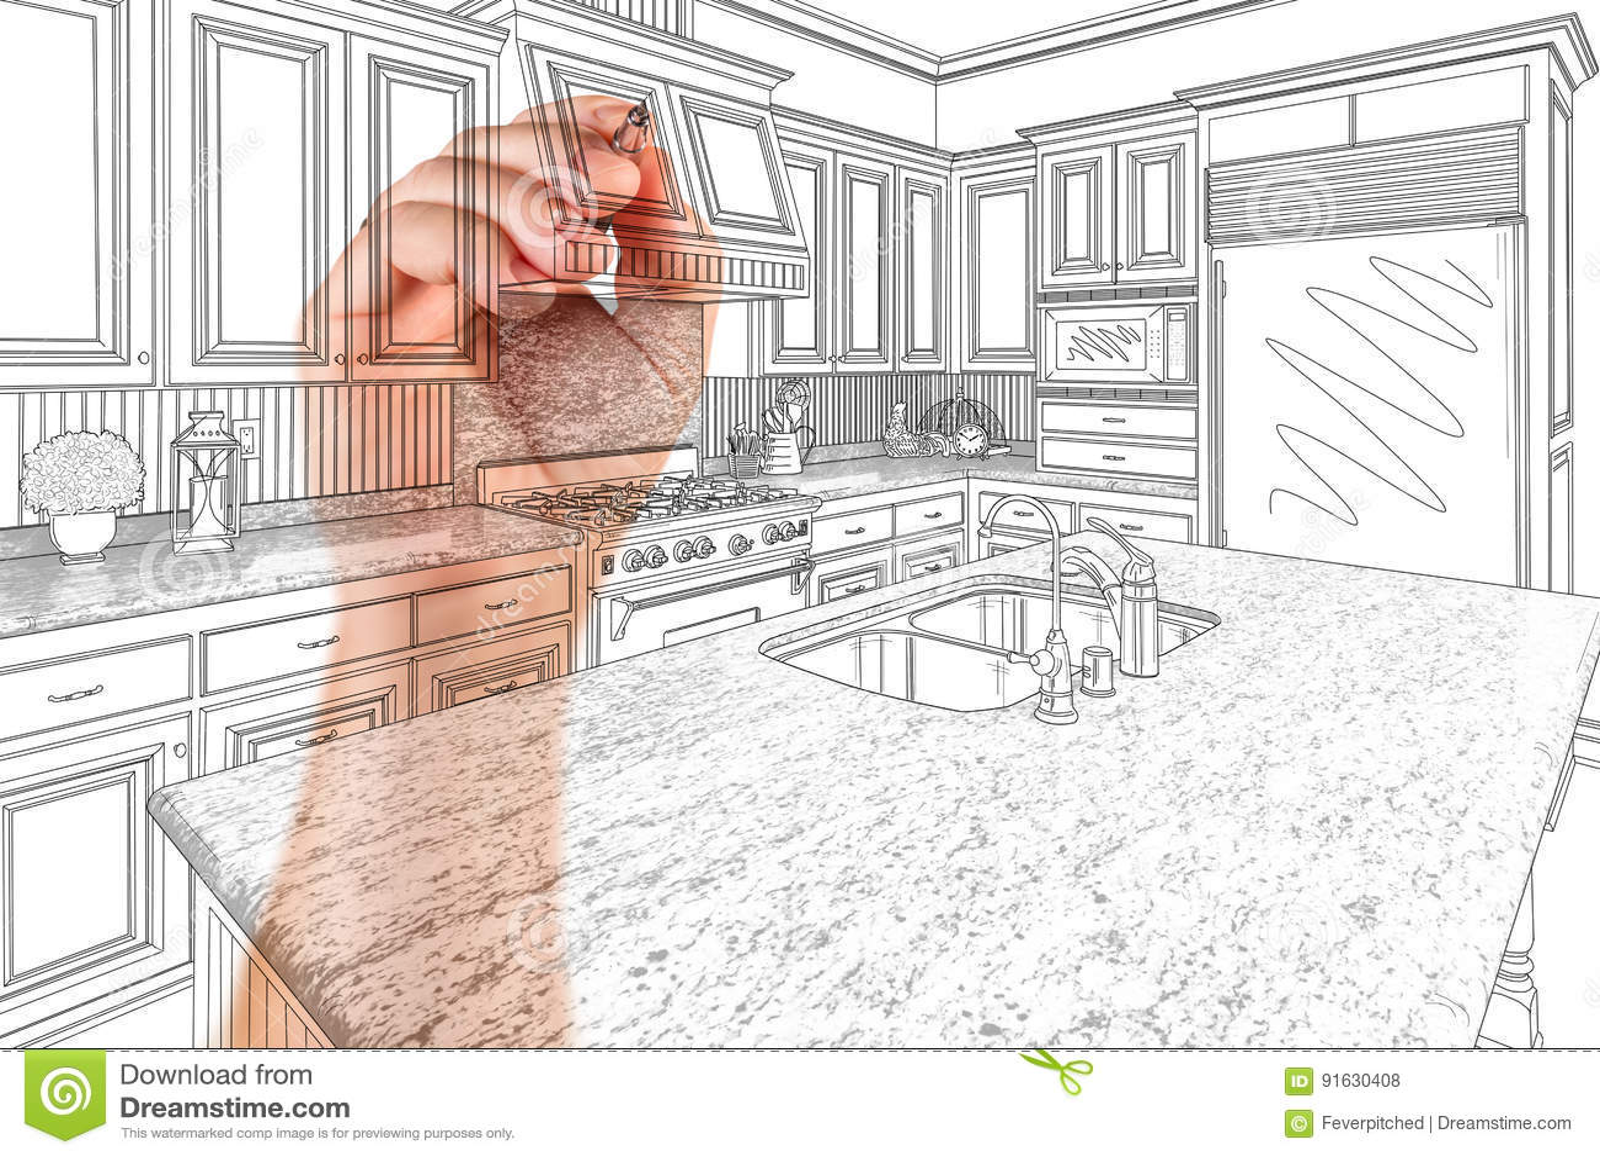 kitchen reno faucet sprayer hose 建筑师习惯厨房设计图画细节的手库存照片 图片包括有整修 实际 拱道 建筑师习惯厨房设计图画细节的手